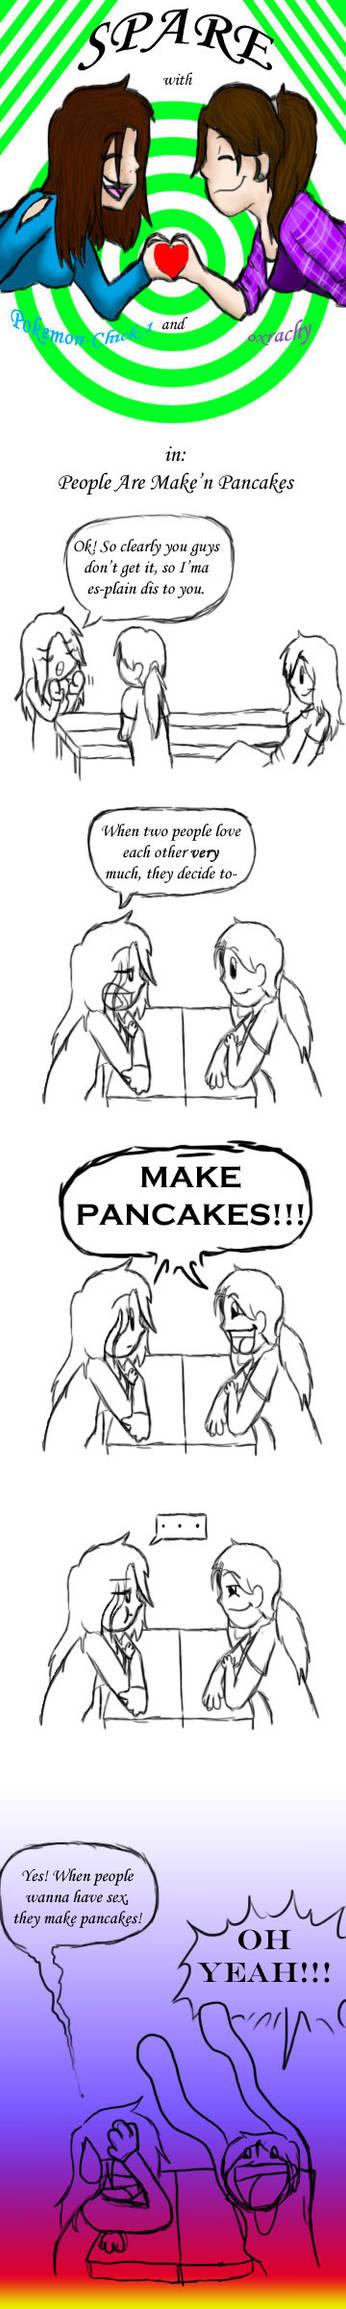 Spare: Maken' Pancakes